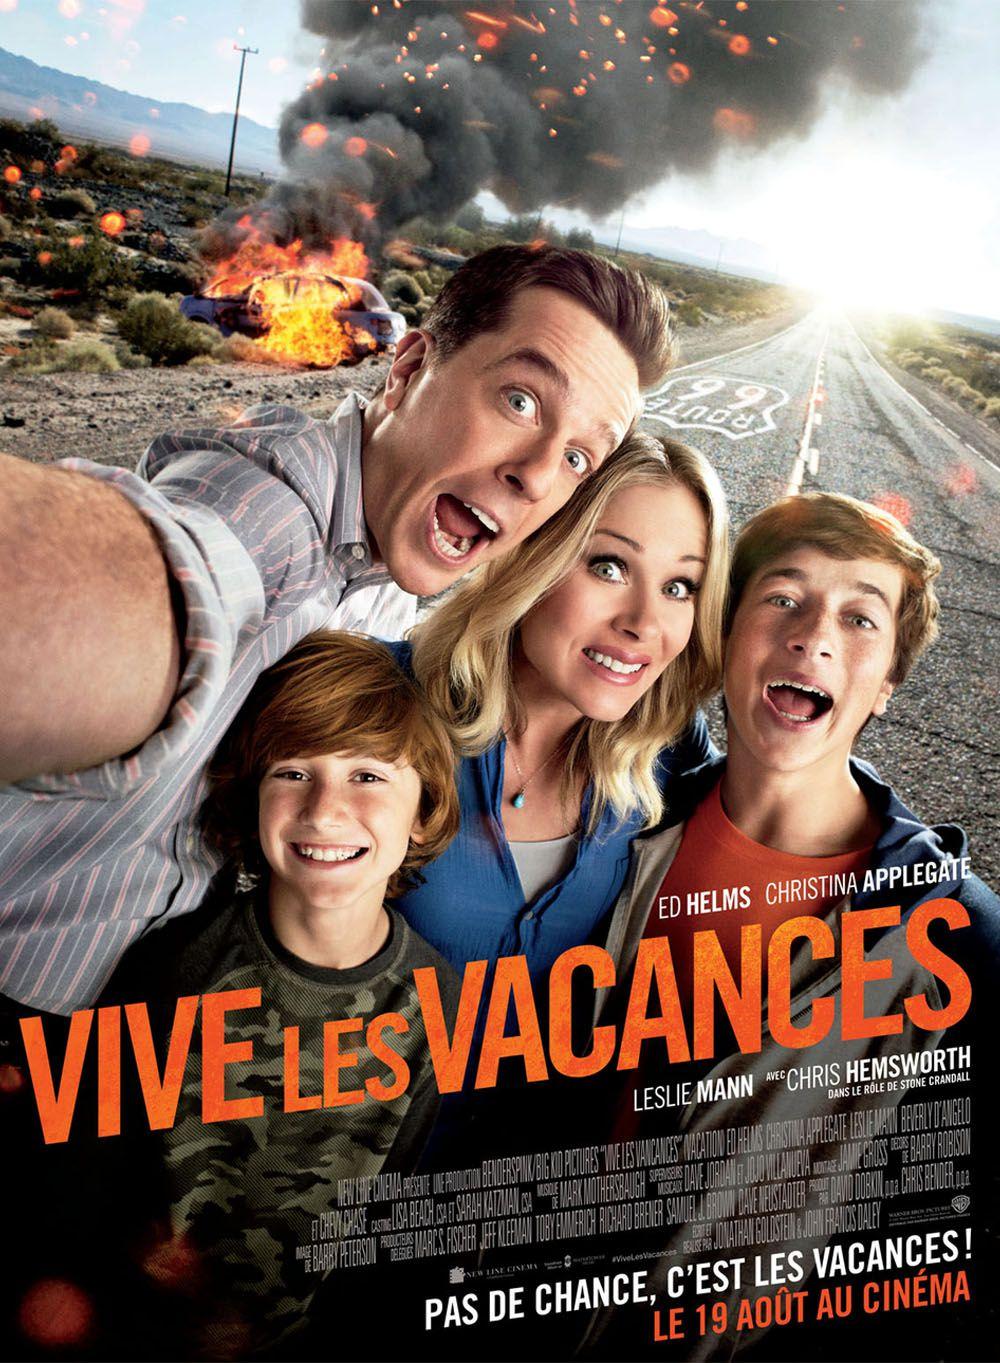 Vive les vacances - Film (2015)